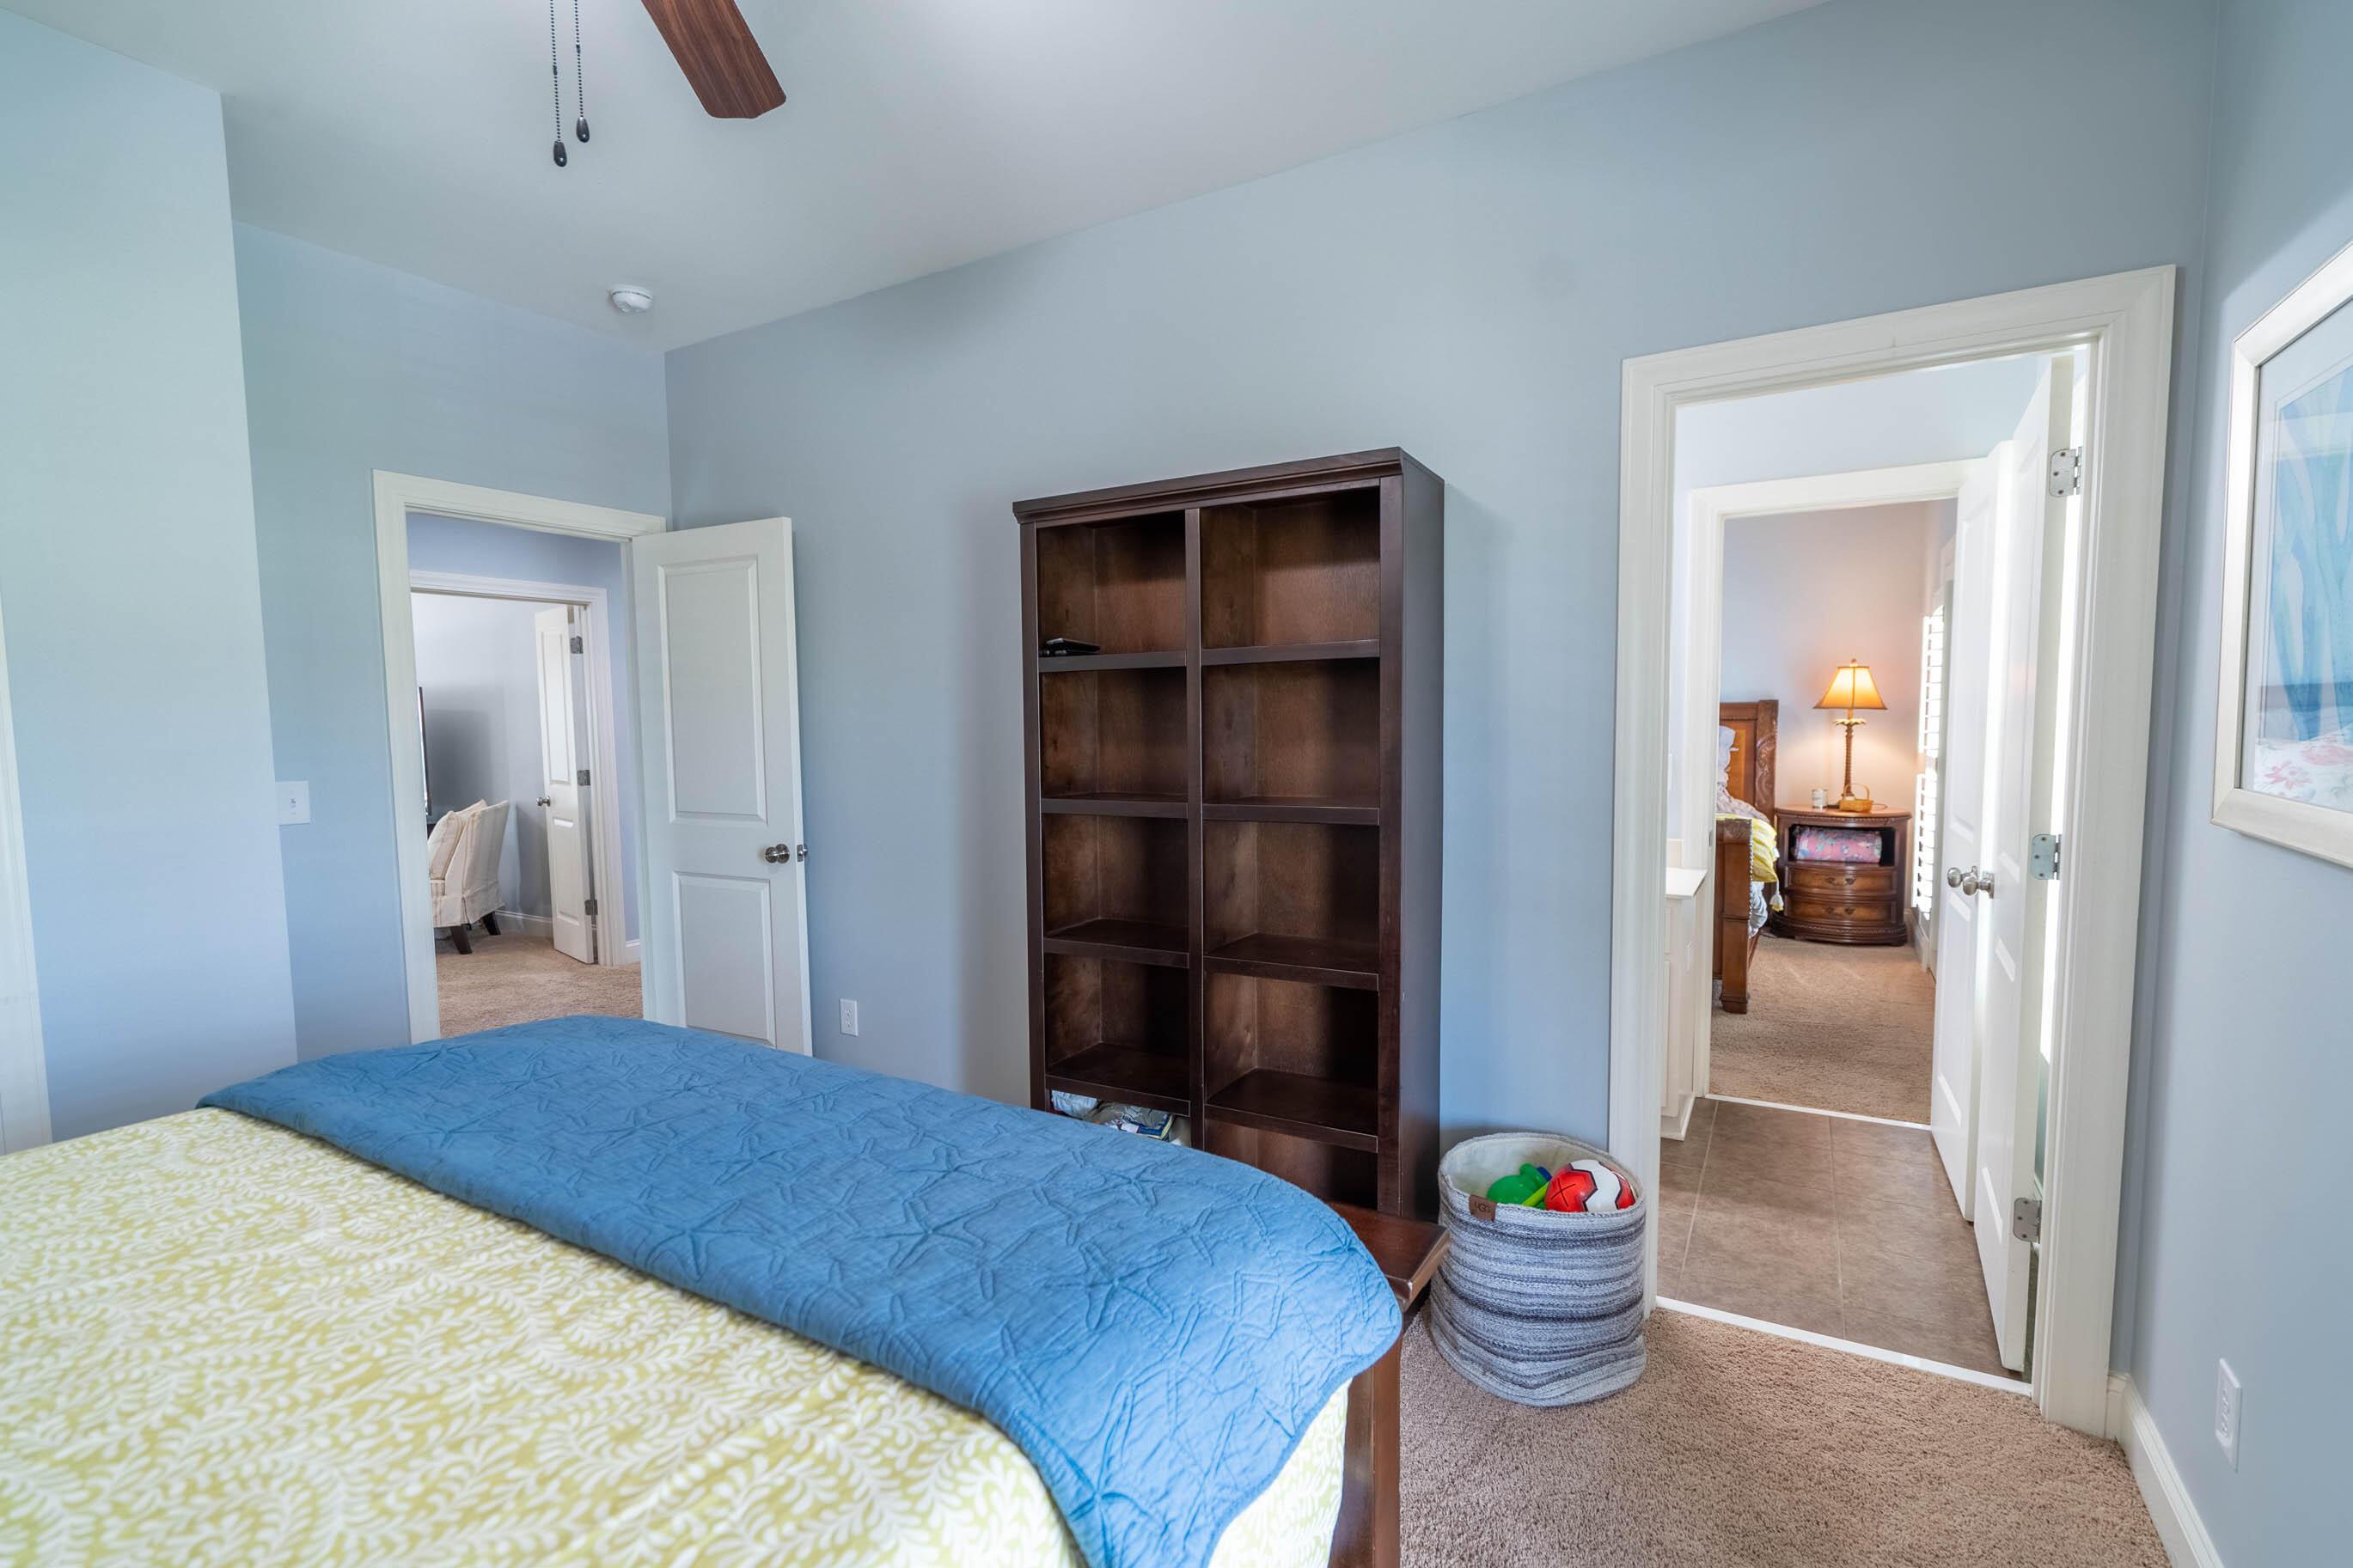 Dunes West Homes For Sale - 2997 Sturbridge, Mount Pleasant, SC - 38